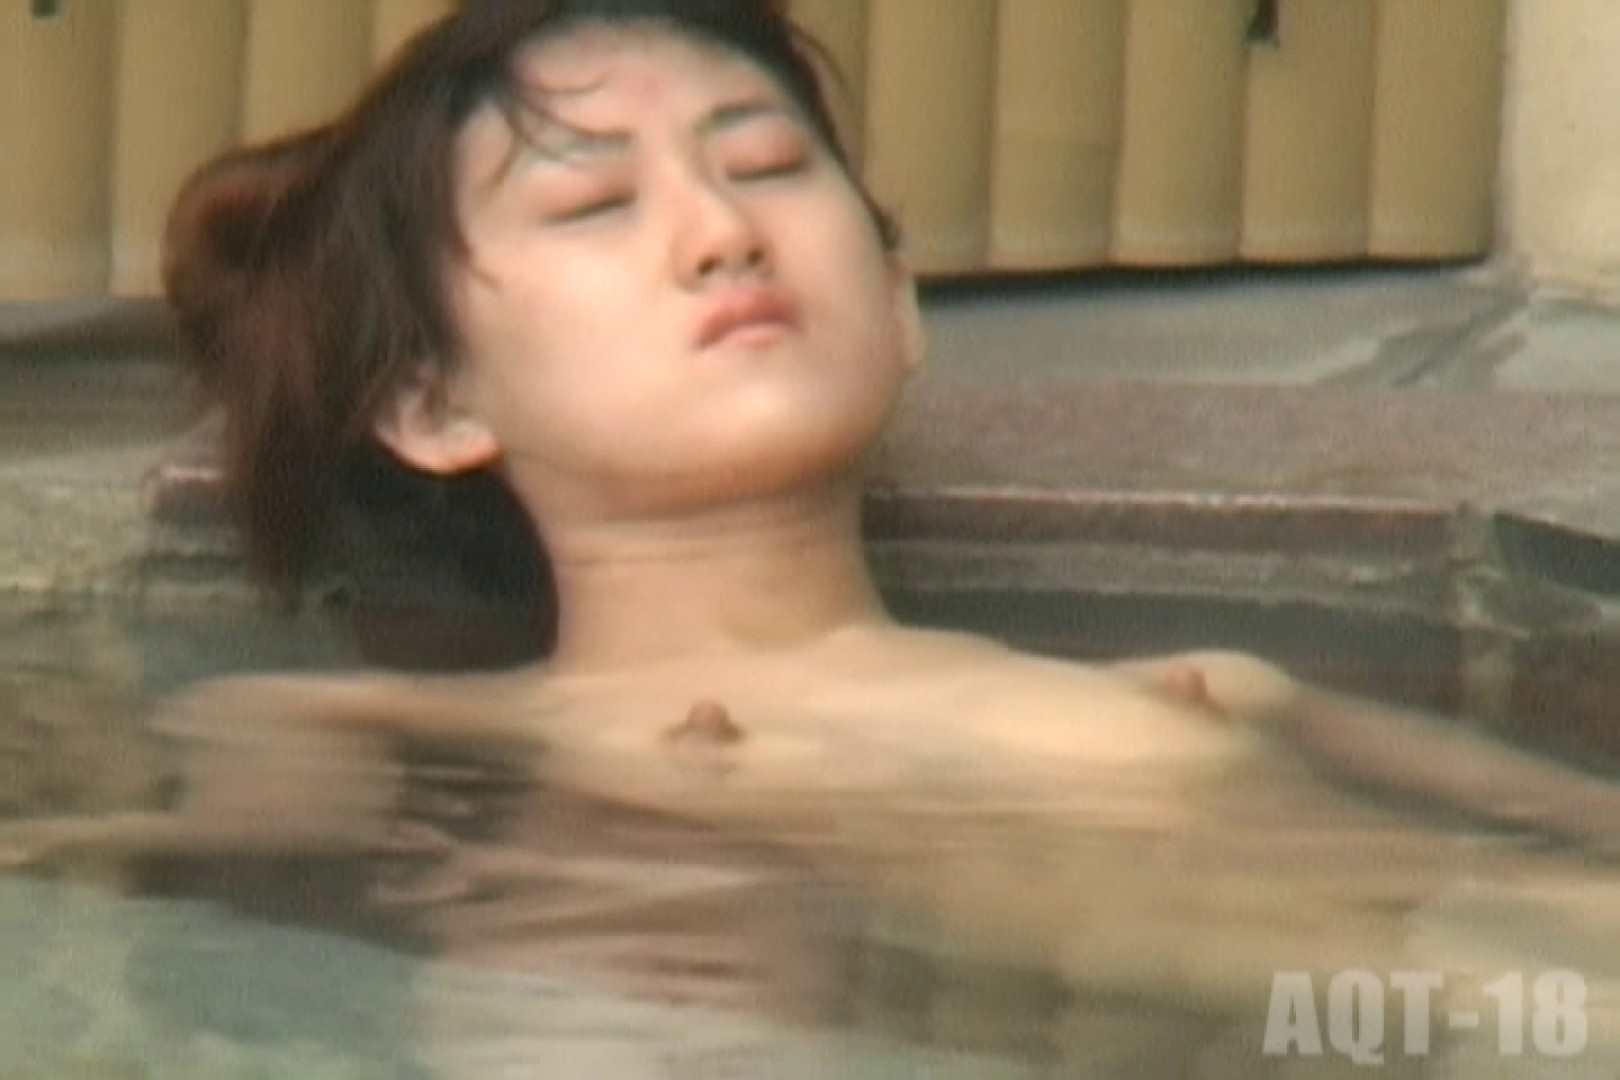 Aquaな露天風呂Vol.862 露天   OLエロ画像  92PICs 52